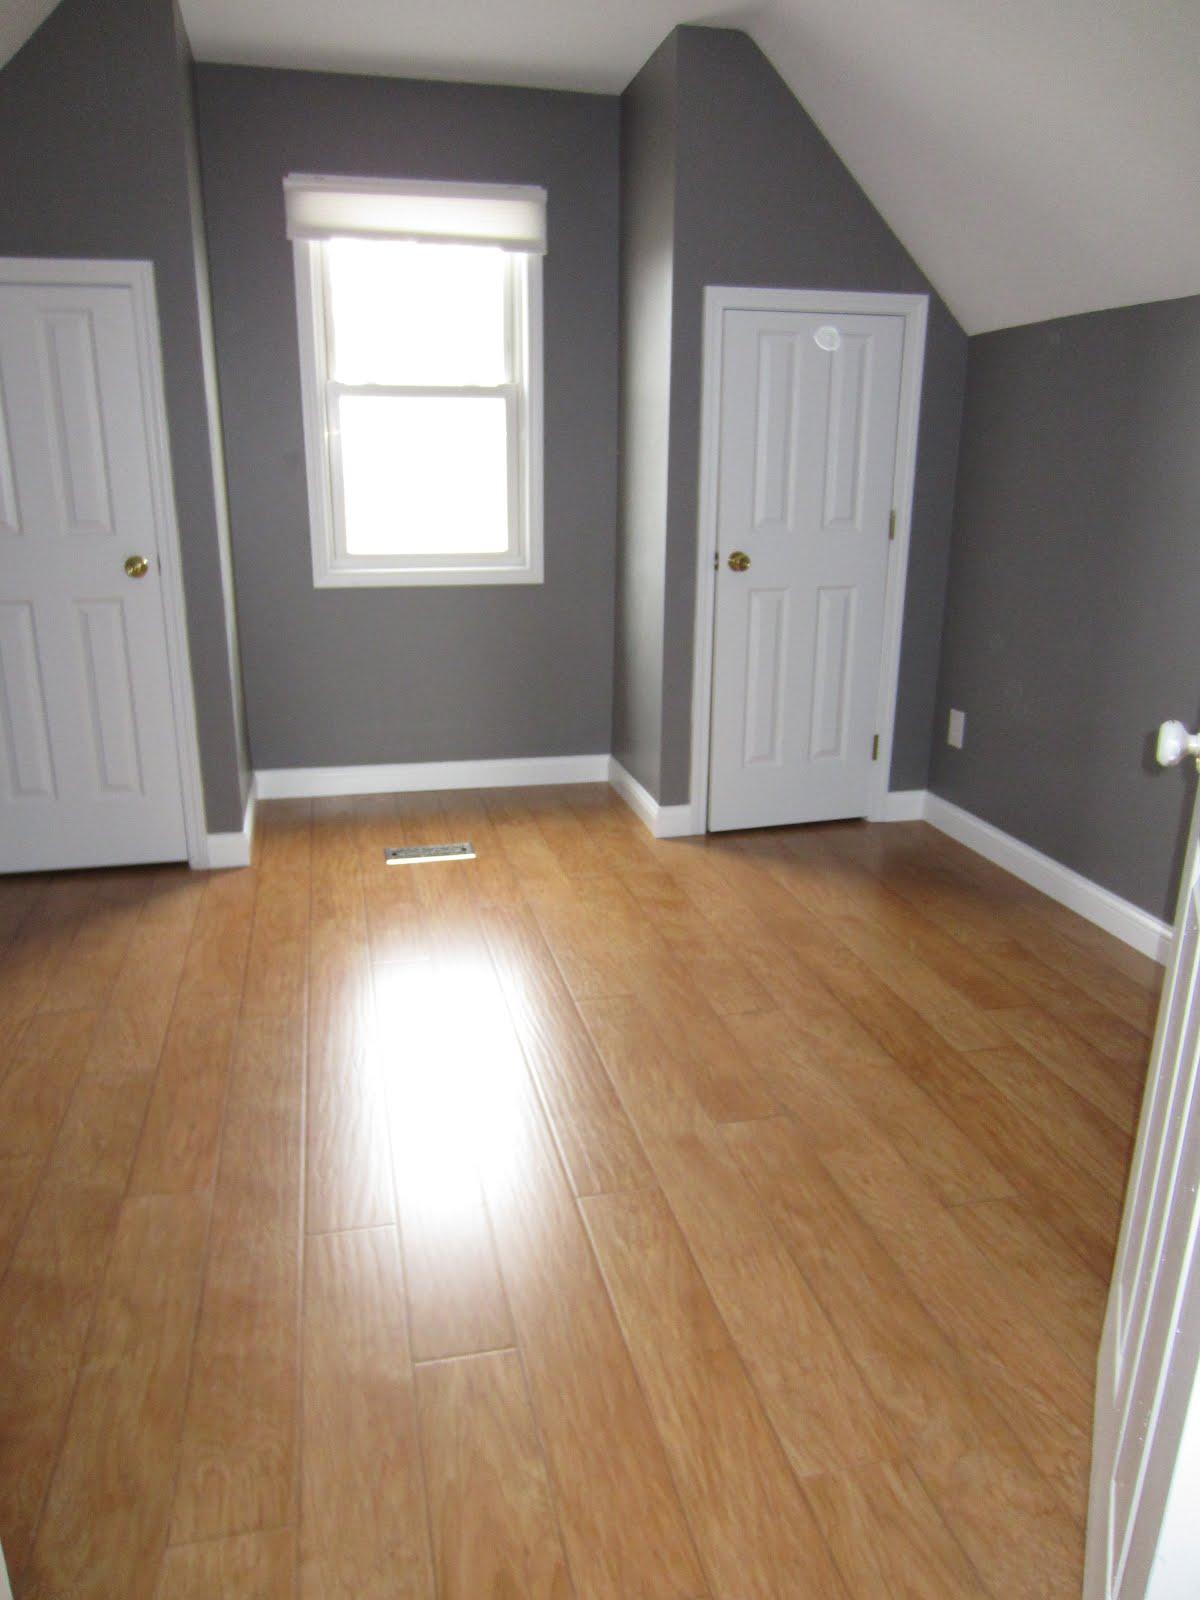 Laminate Flooring: How To Trim Laminate Flooring